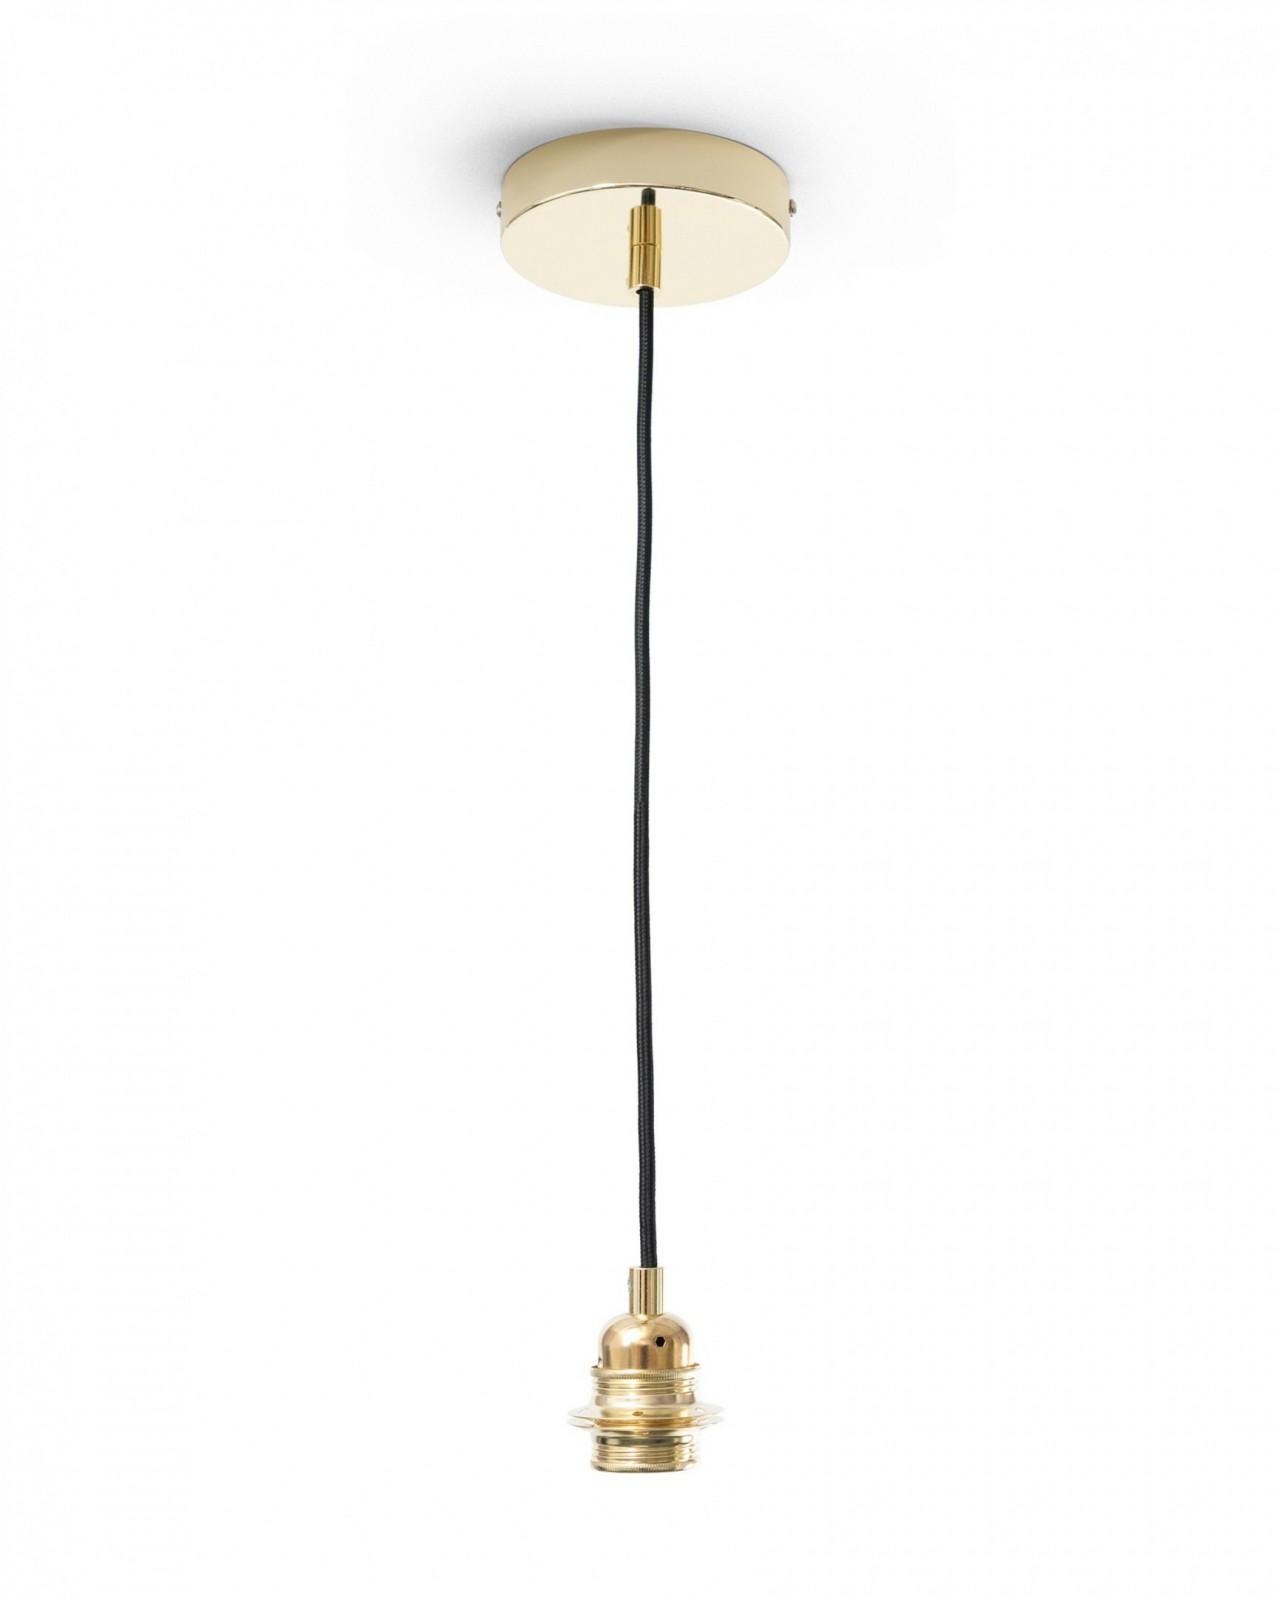 IONIAN Pendant Lamp